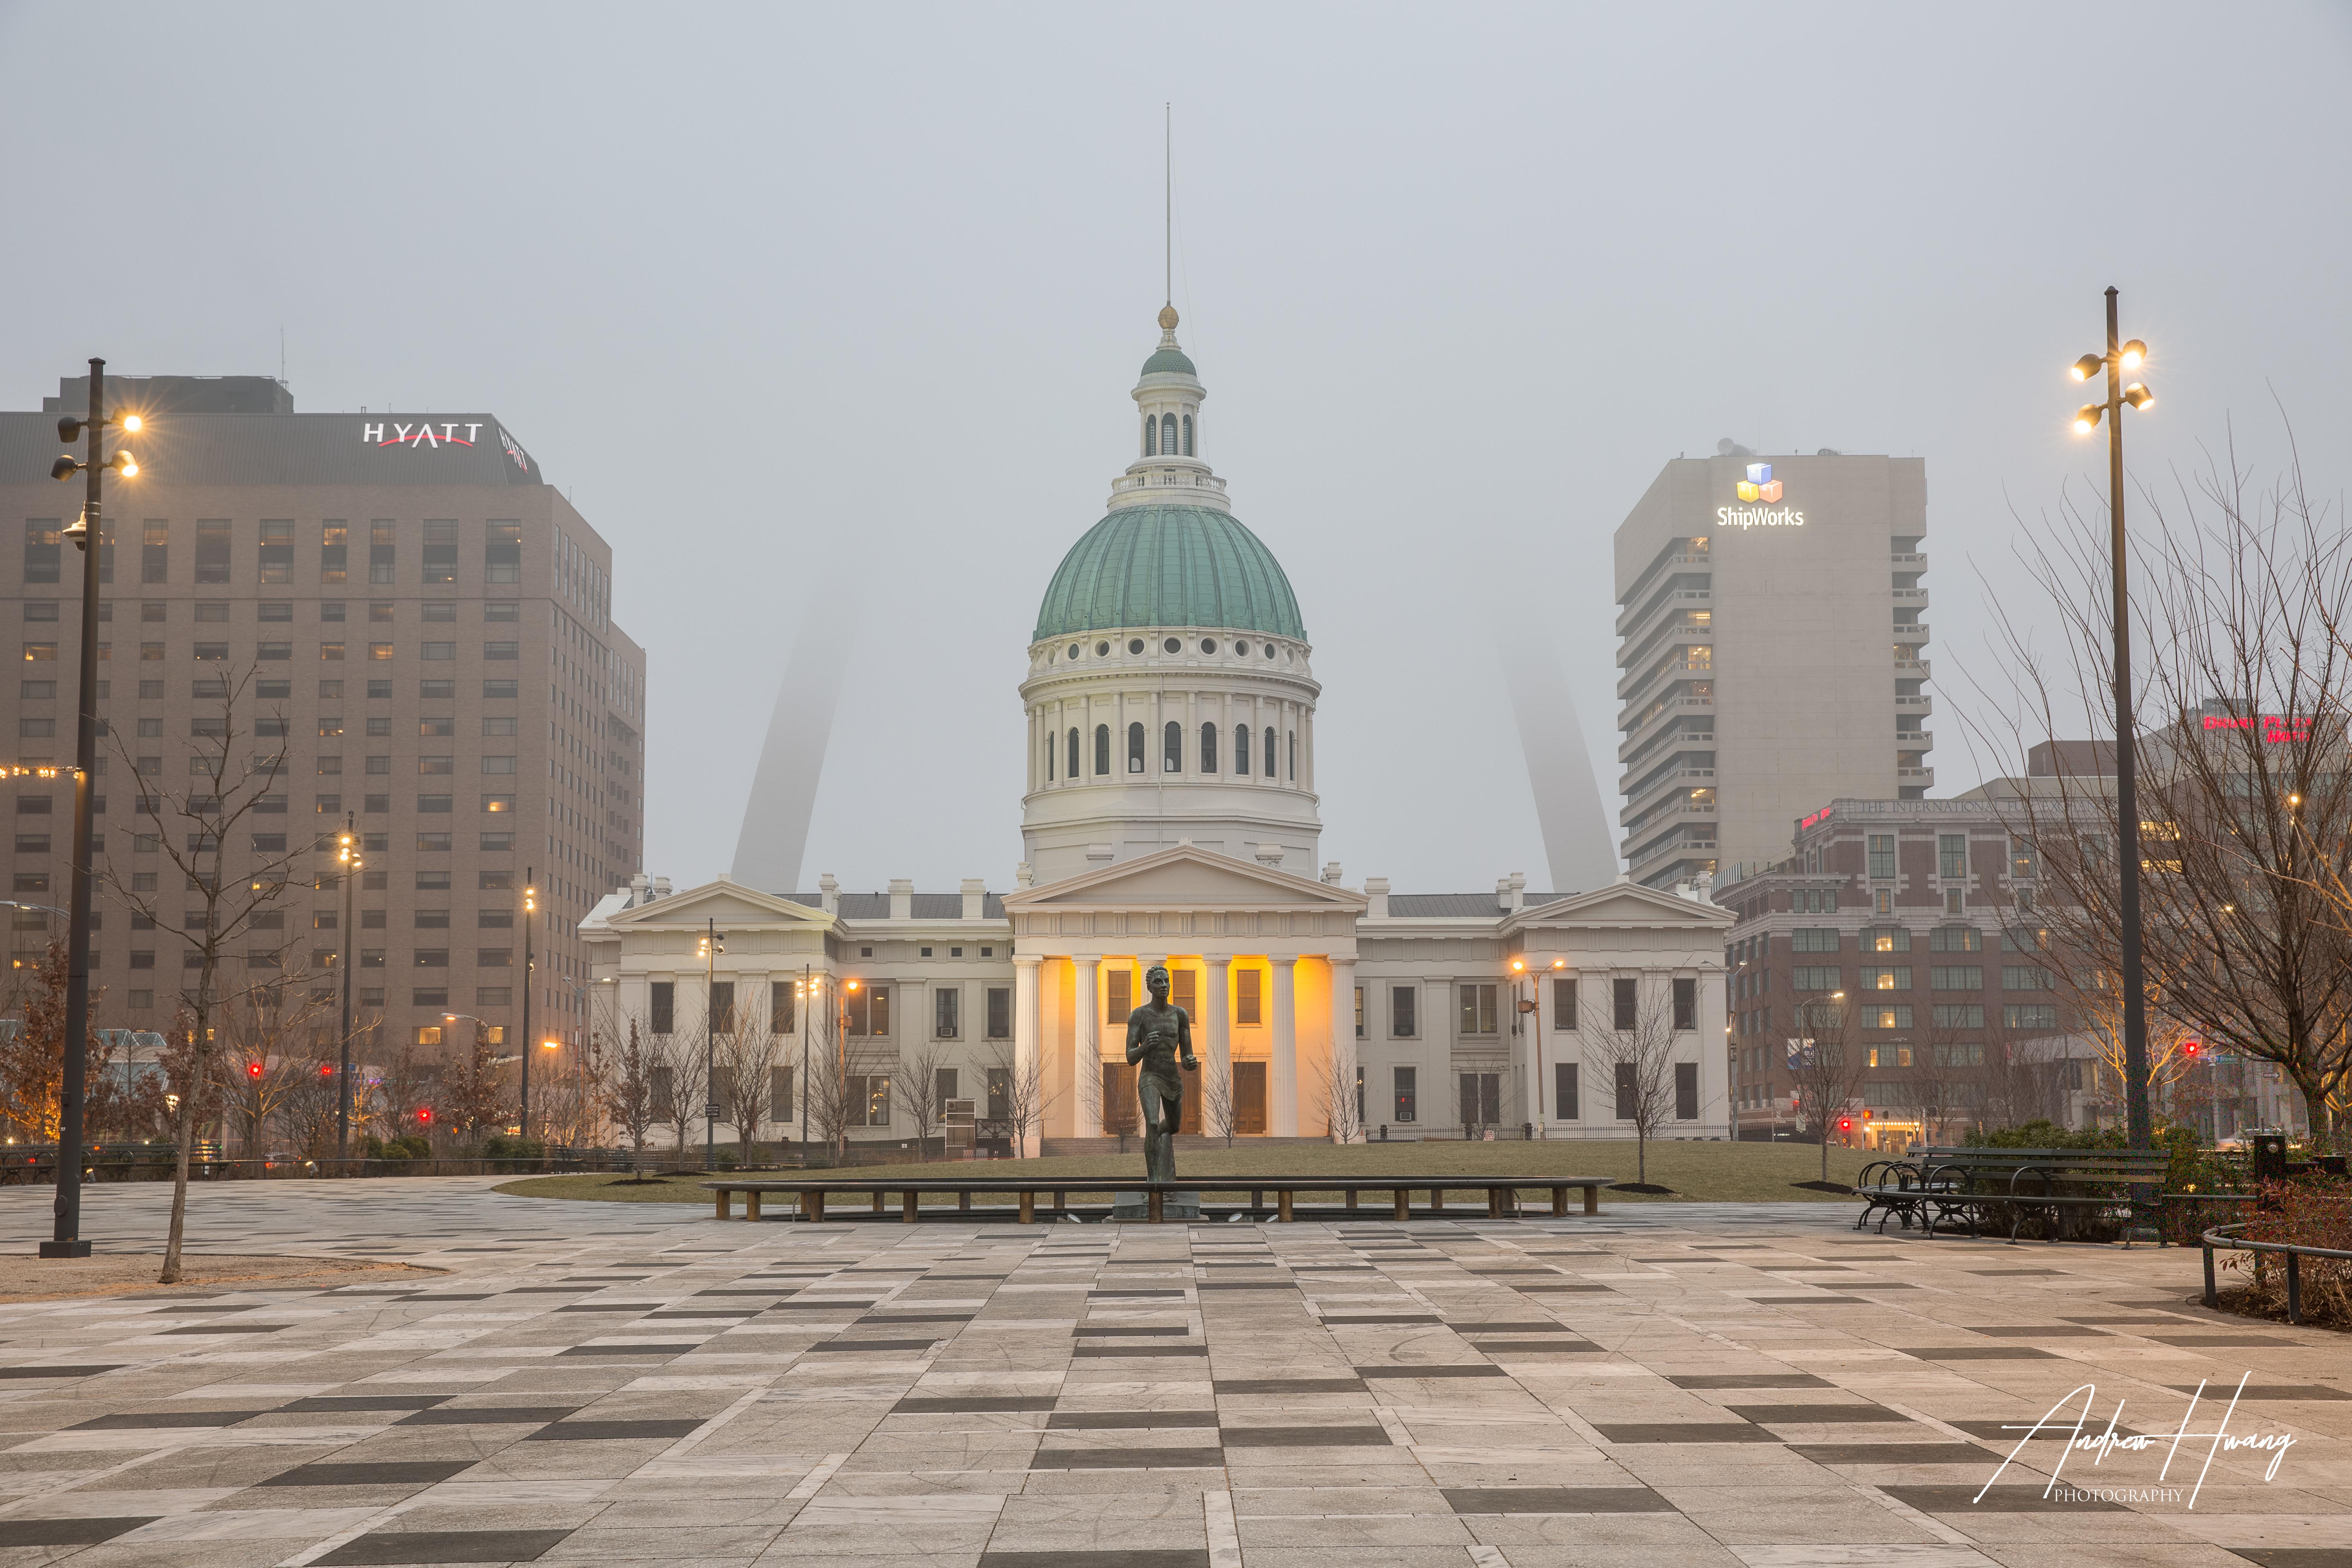 St Louis Arch - Capitol Building